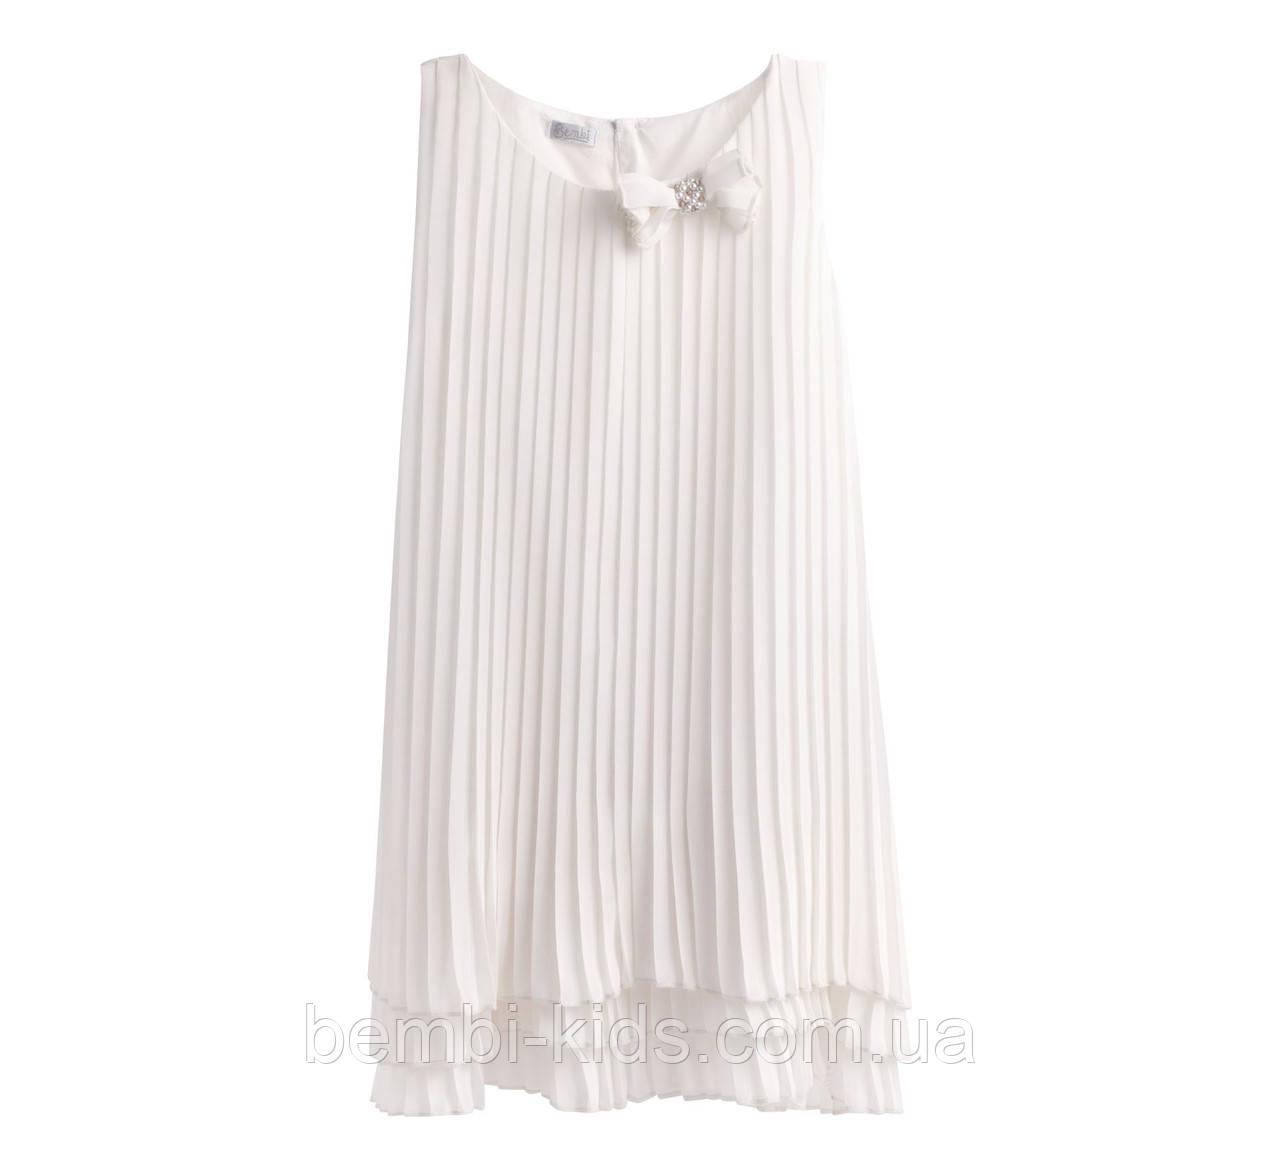 Красива сукня для дівчинки з преміум клекціїї. ПЛ 281